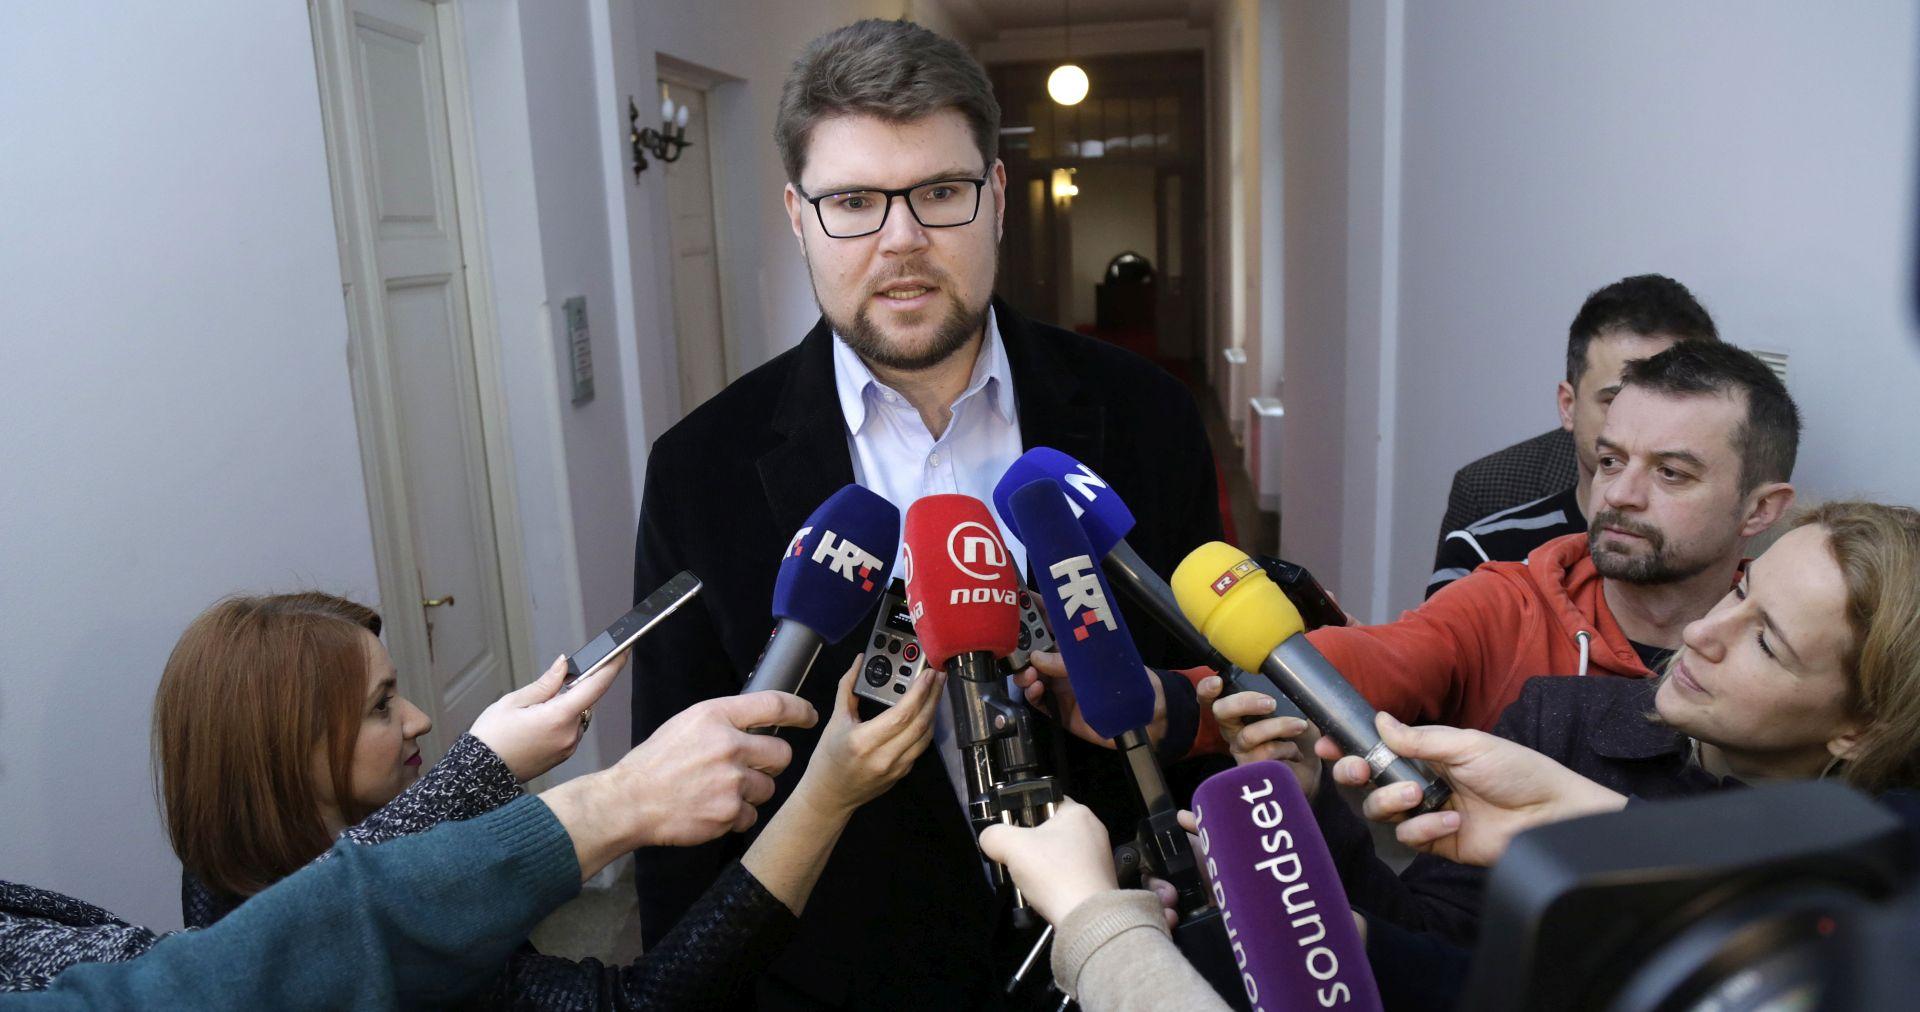 Grbin: Tihomir Orešković nema nikakvu kontrolu nad time tko mu ulazi u vladu i tko iz nje izlazi